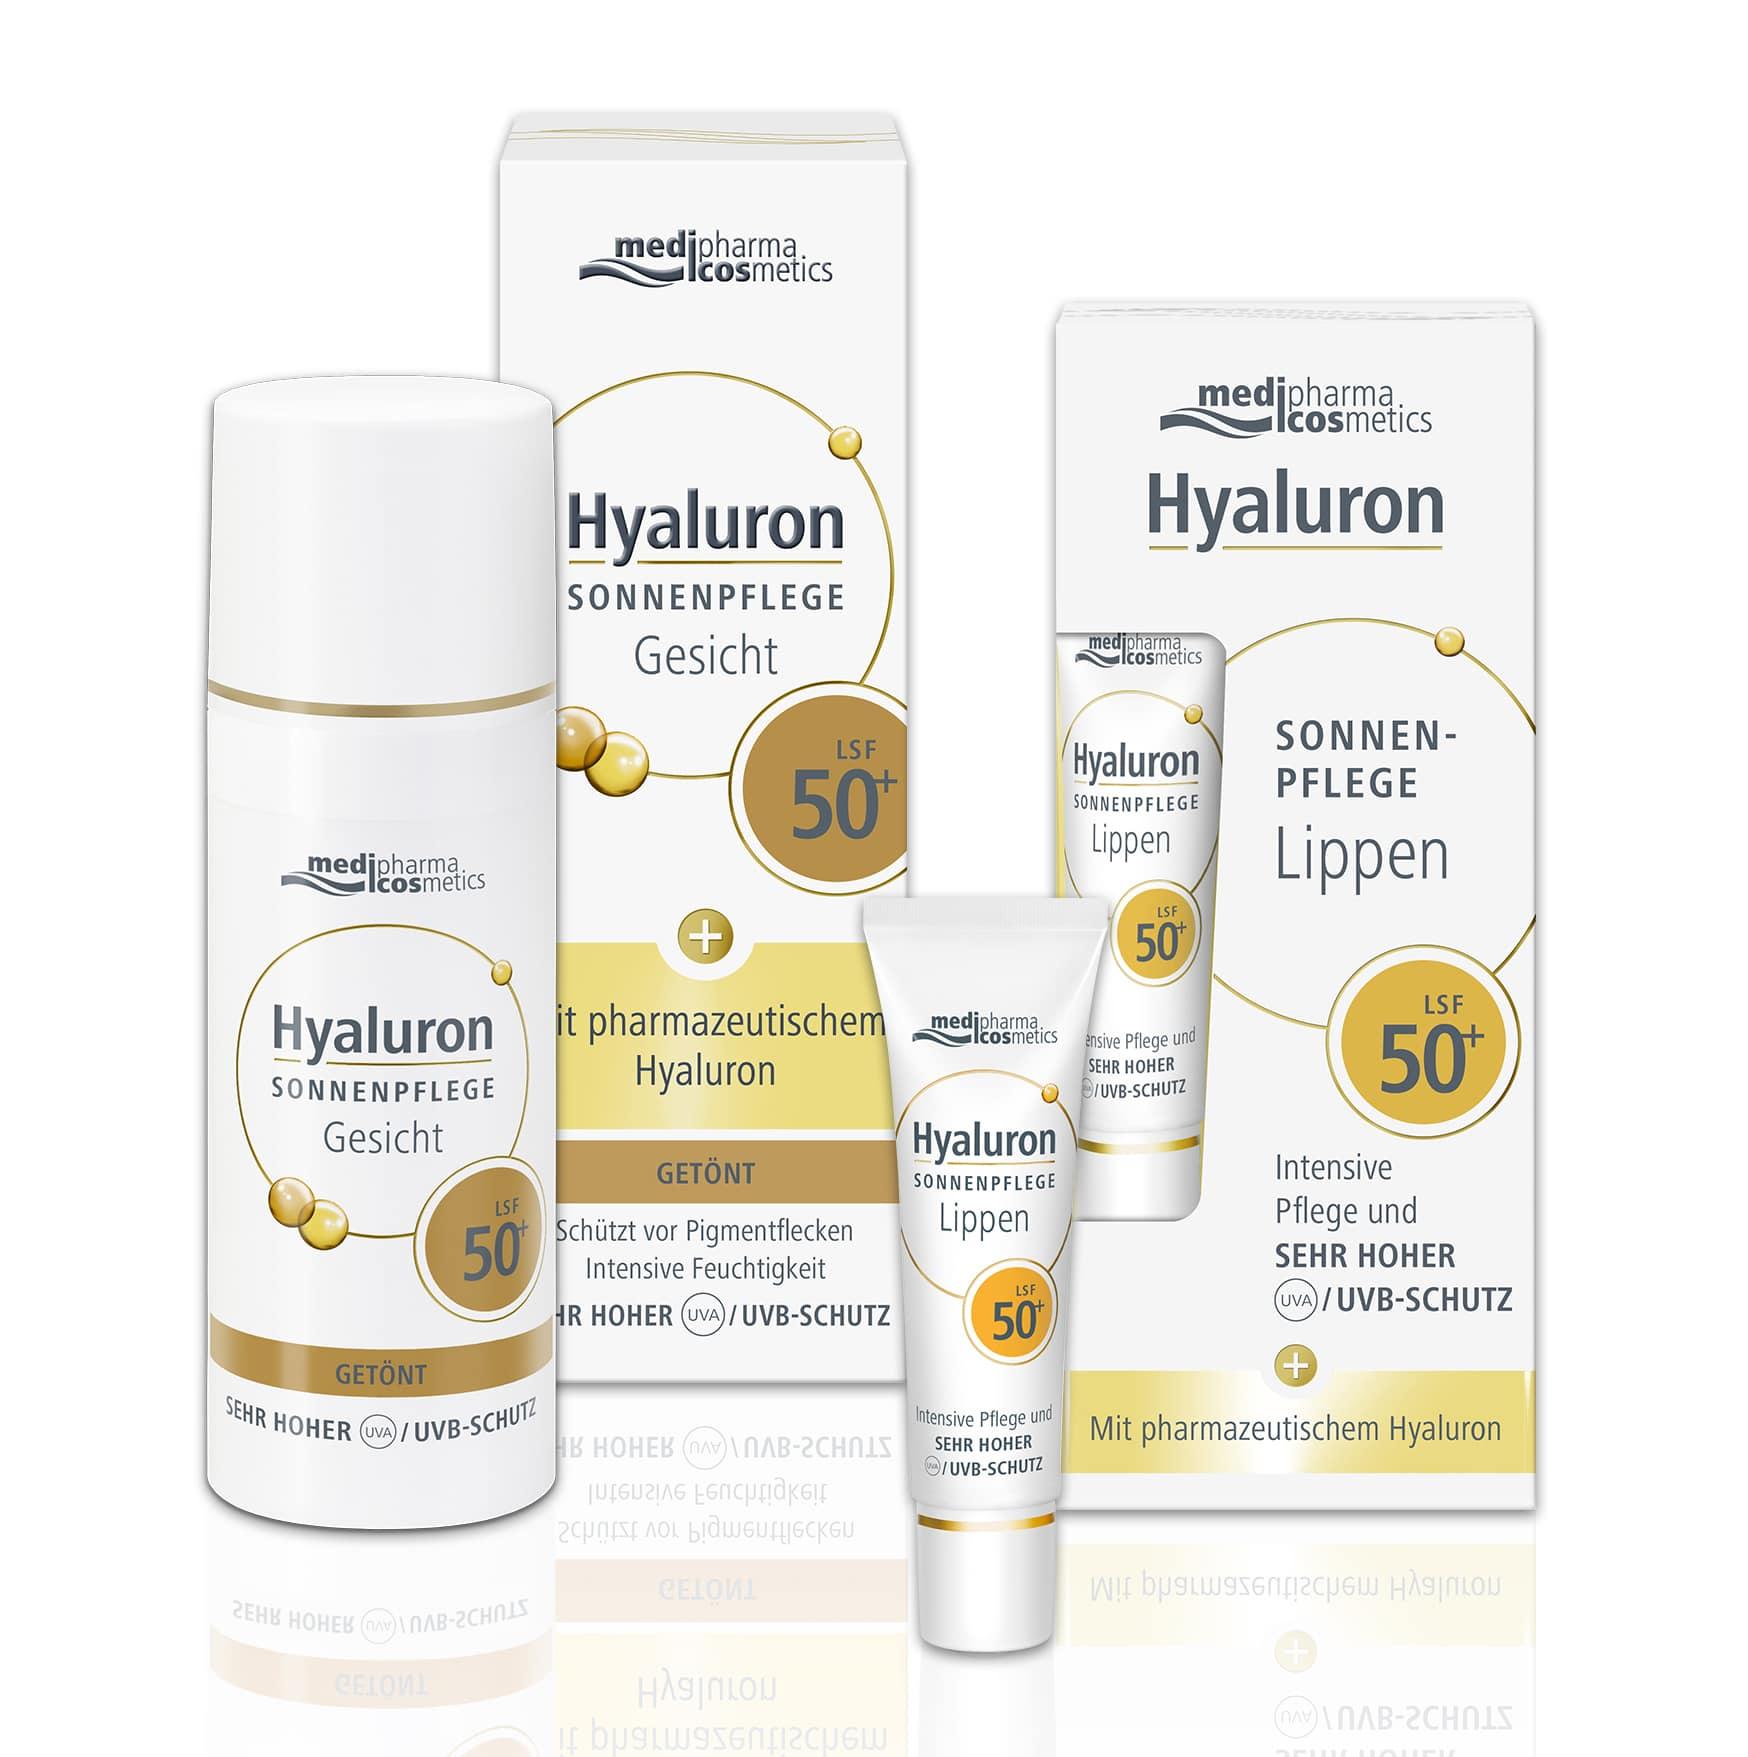 © medipharma cosmetics Hyaluron getönte Sonnenpflege Gesicht und Lippenpflege LSF 50